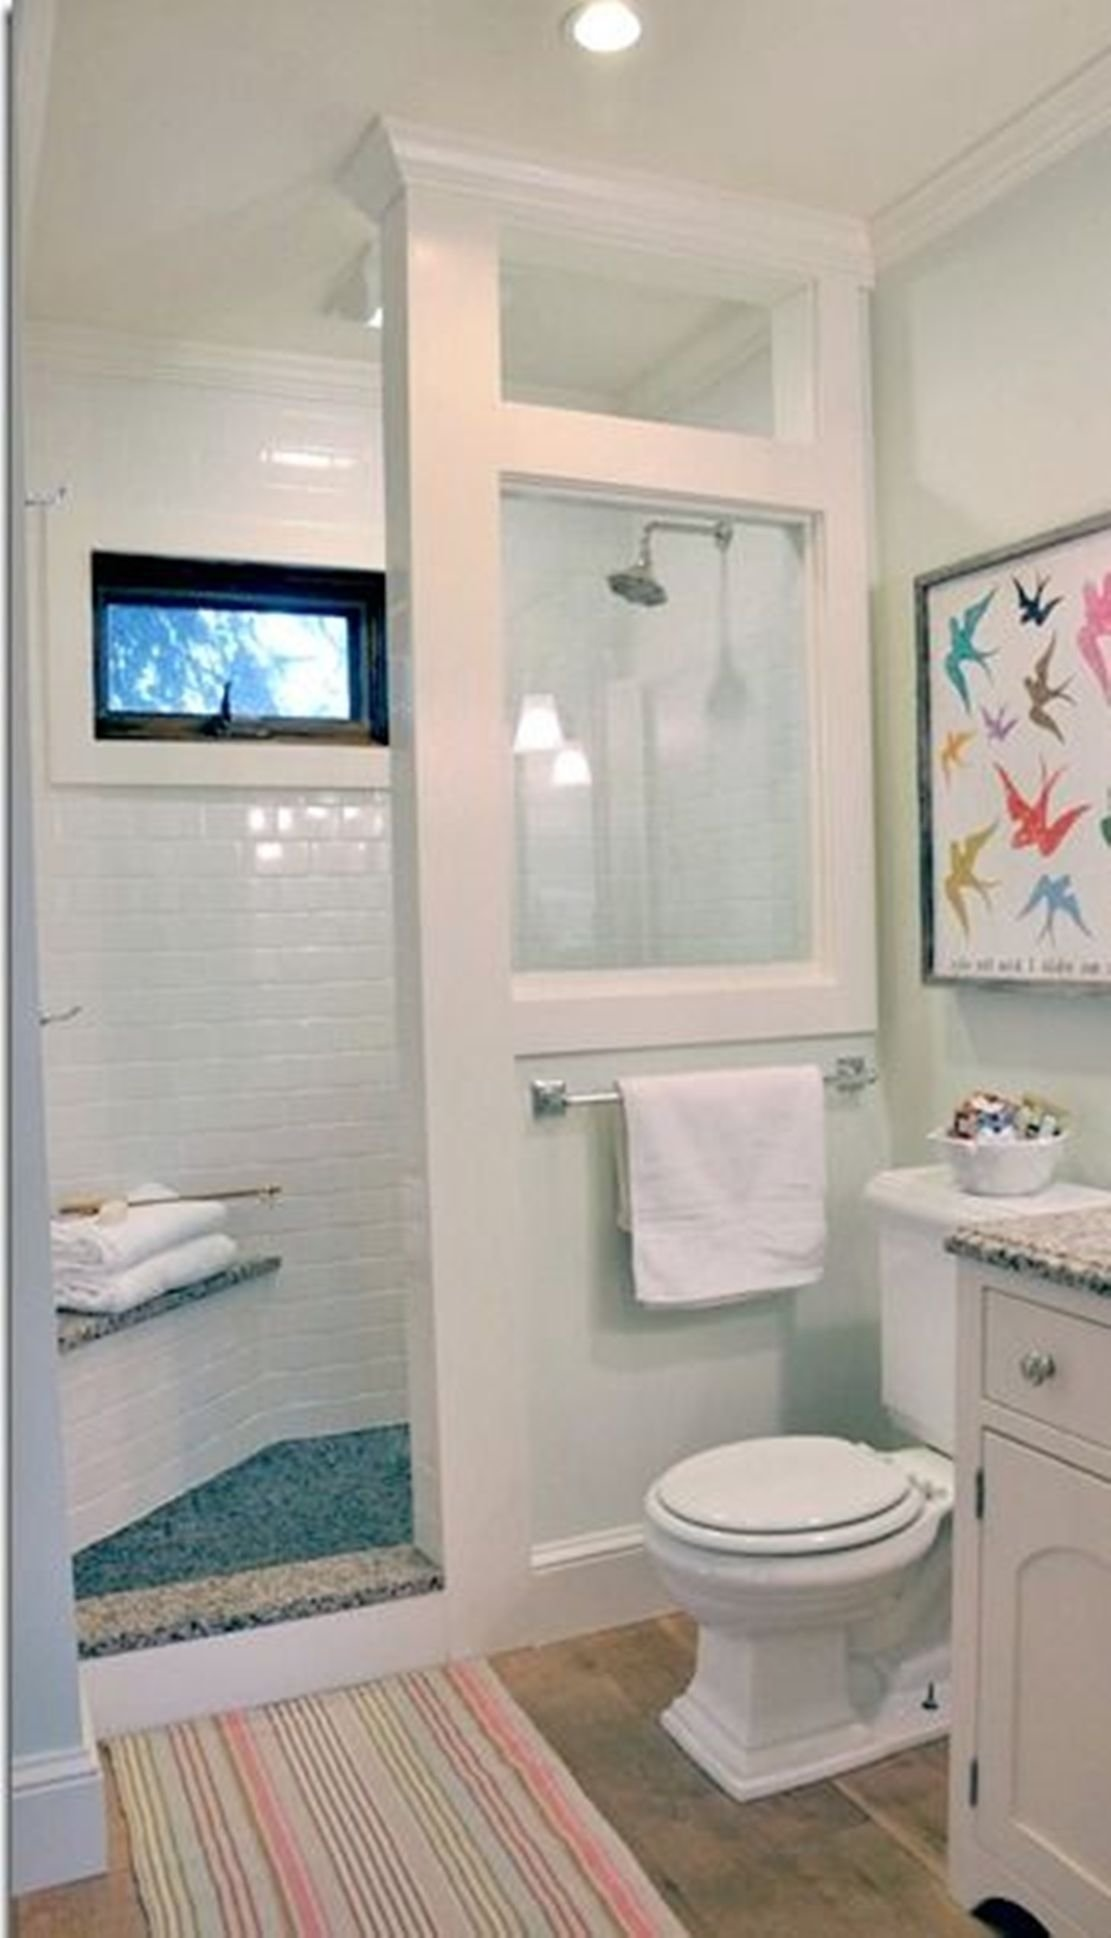 10 Unique Ideas For Small Bathroom Remodel bathroom good small bathroom design ideas small bathroom design 1 2021